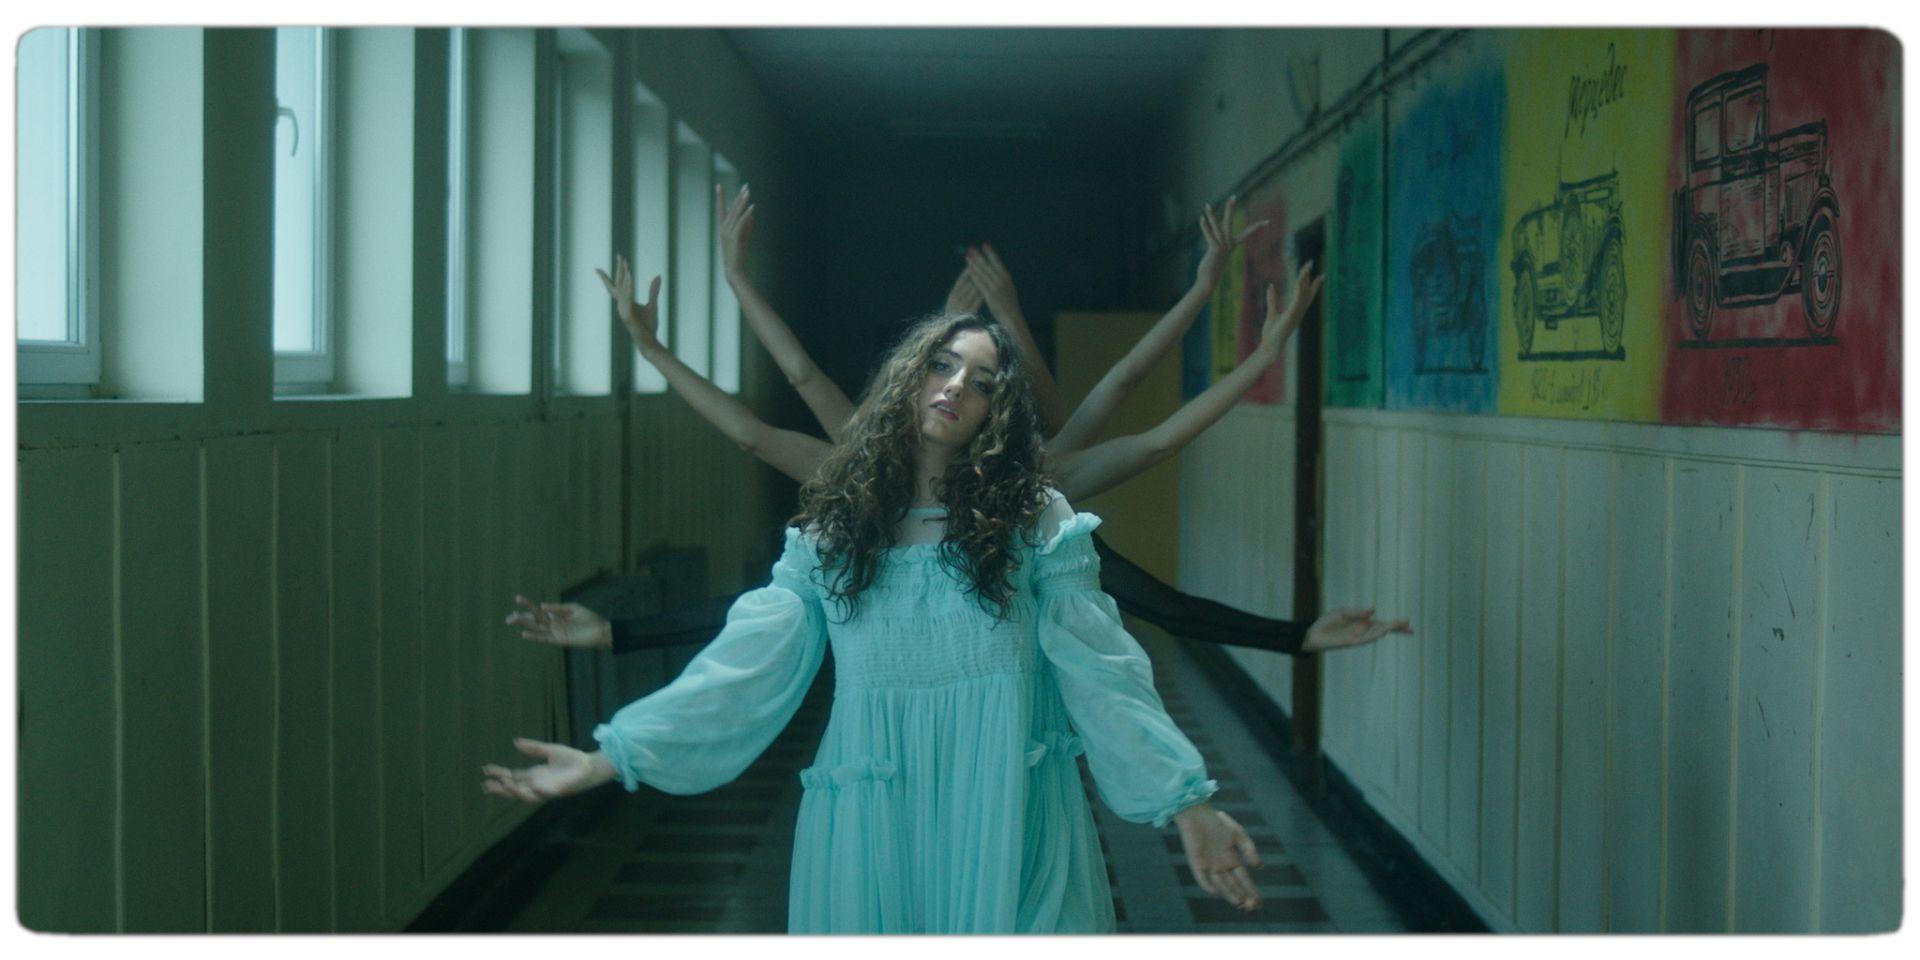 Димитрис Георгиев режисира клиповете на певицата Алма